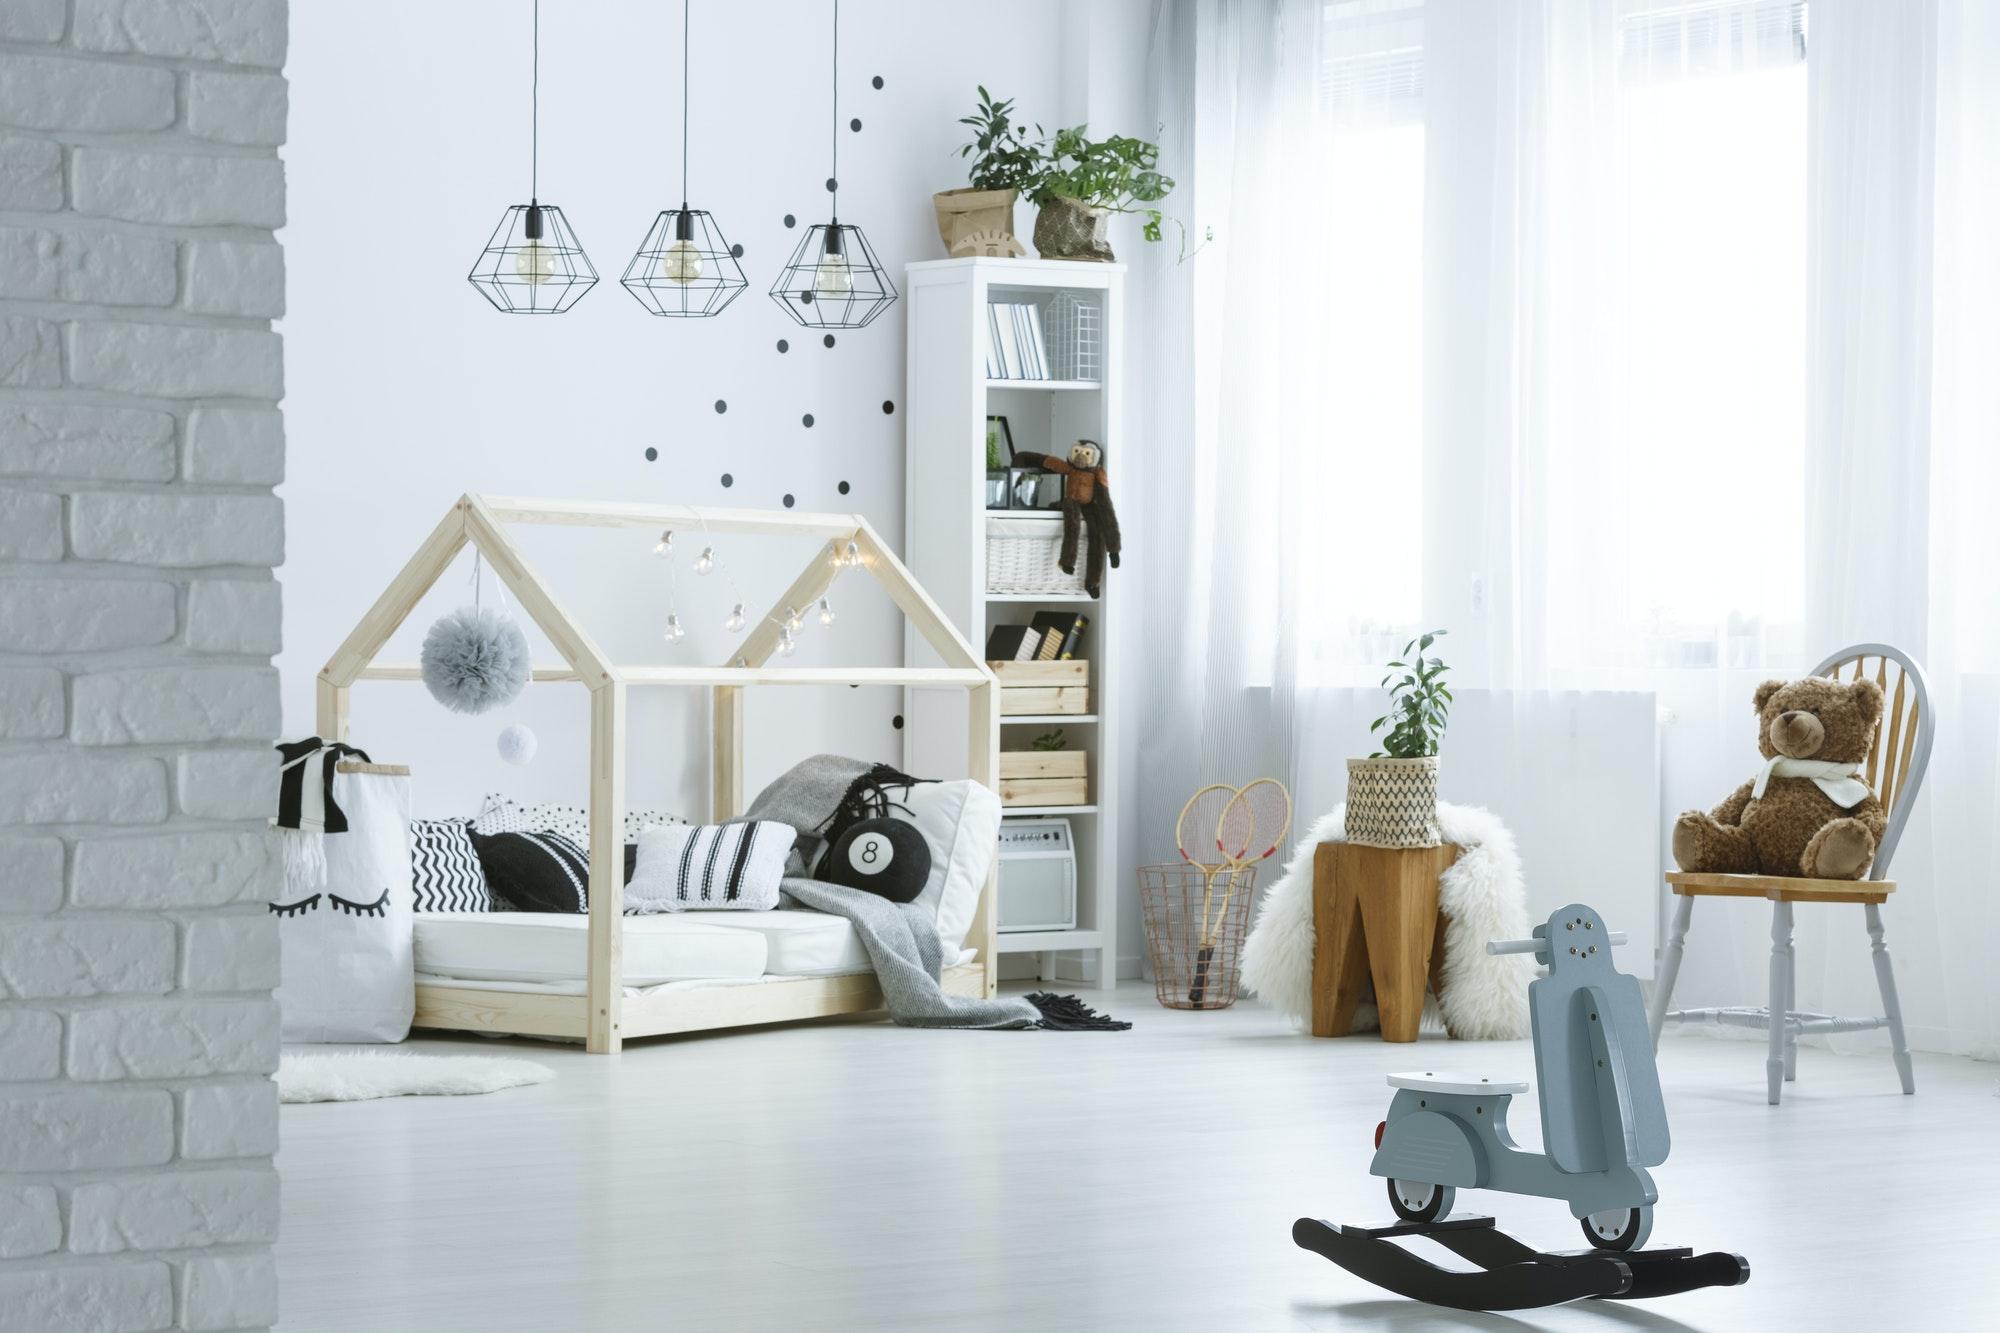 toys-in-room.jpg